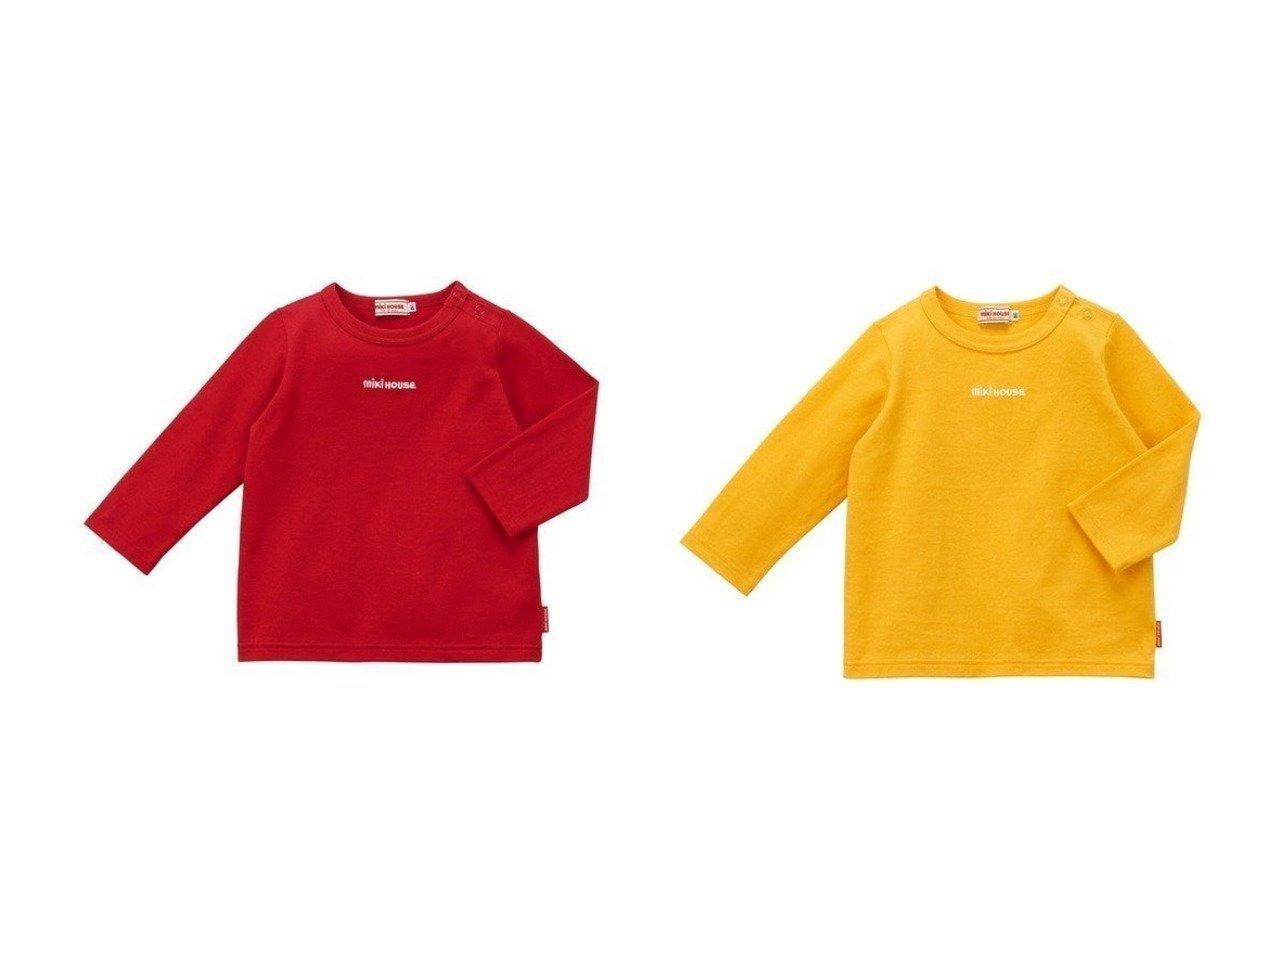 【MIKI HOUSE HOT BISCUITS / KIDS/ミキハウスホットビスケッツ】の【MIKIHOUSE】【日本製】ロゴTシャツ 【KIDS】子供服のおすすめ!人気トレンド・キッズファッションの通販 おすすめで人気の流行・トレンド、ファッションの通販商品 メンズファッション・キッズファッション・インテリア・家具・レディースファッション・服の通販 founy(ファニー) https://founy.com/ ファッション Fashion キッズファッション KIDS トップス Tops Tees Kids 送料無料 Free Shipping インナー シンプル 長袖 |ID:crp329100000015239